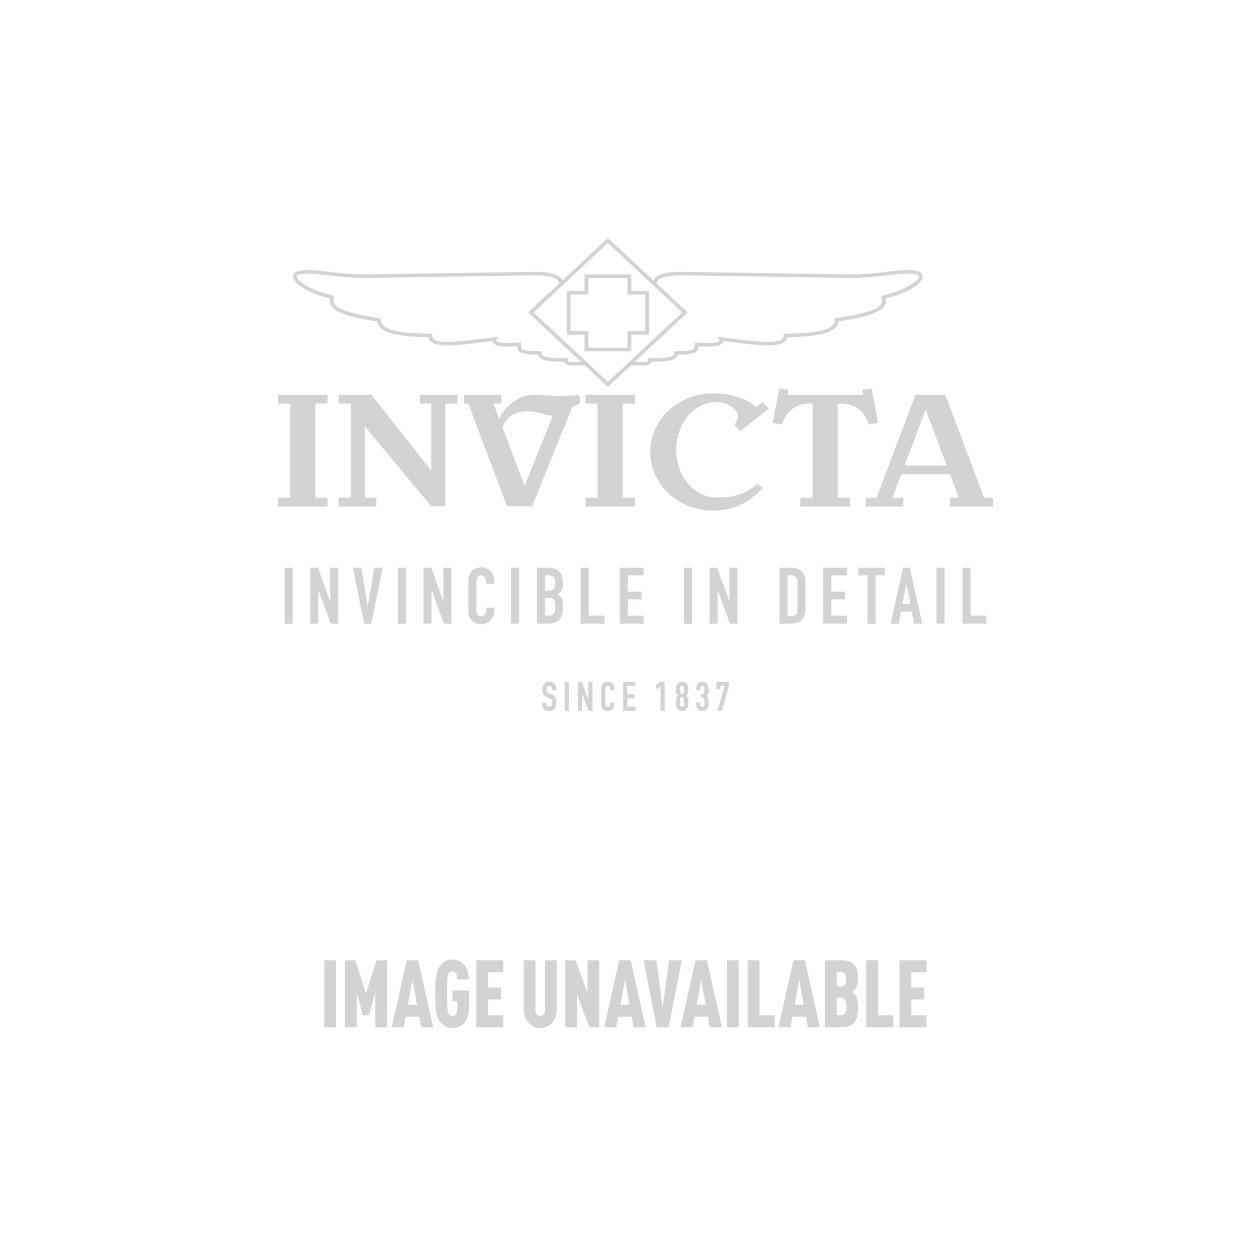 Invicta Model 24797